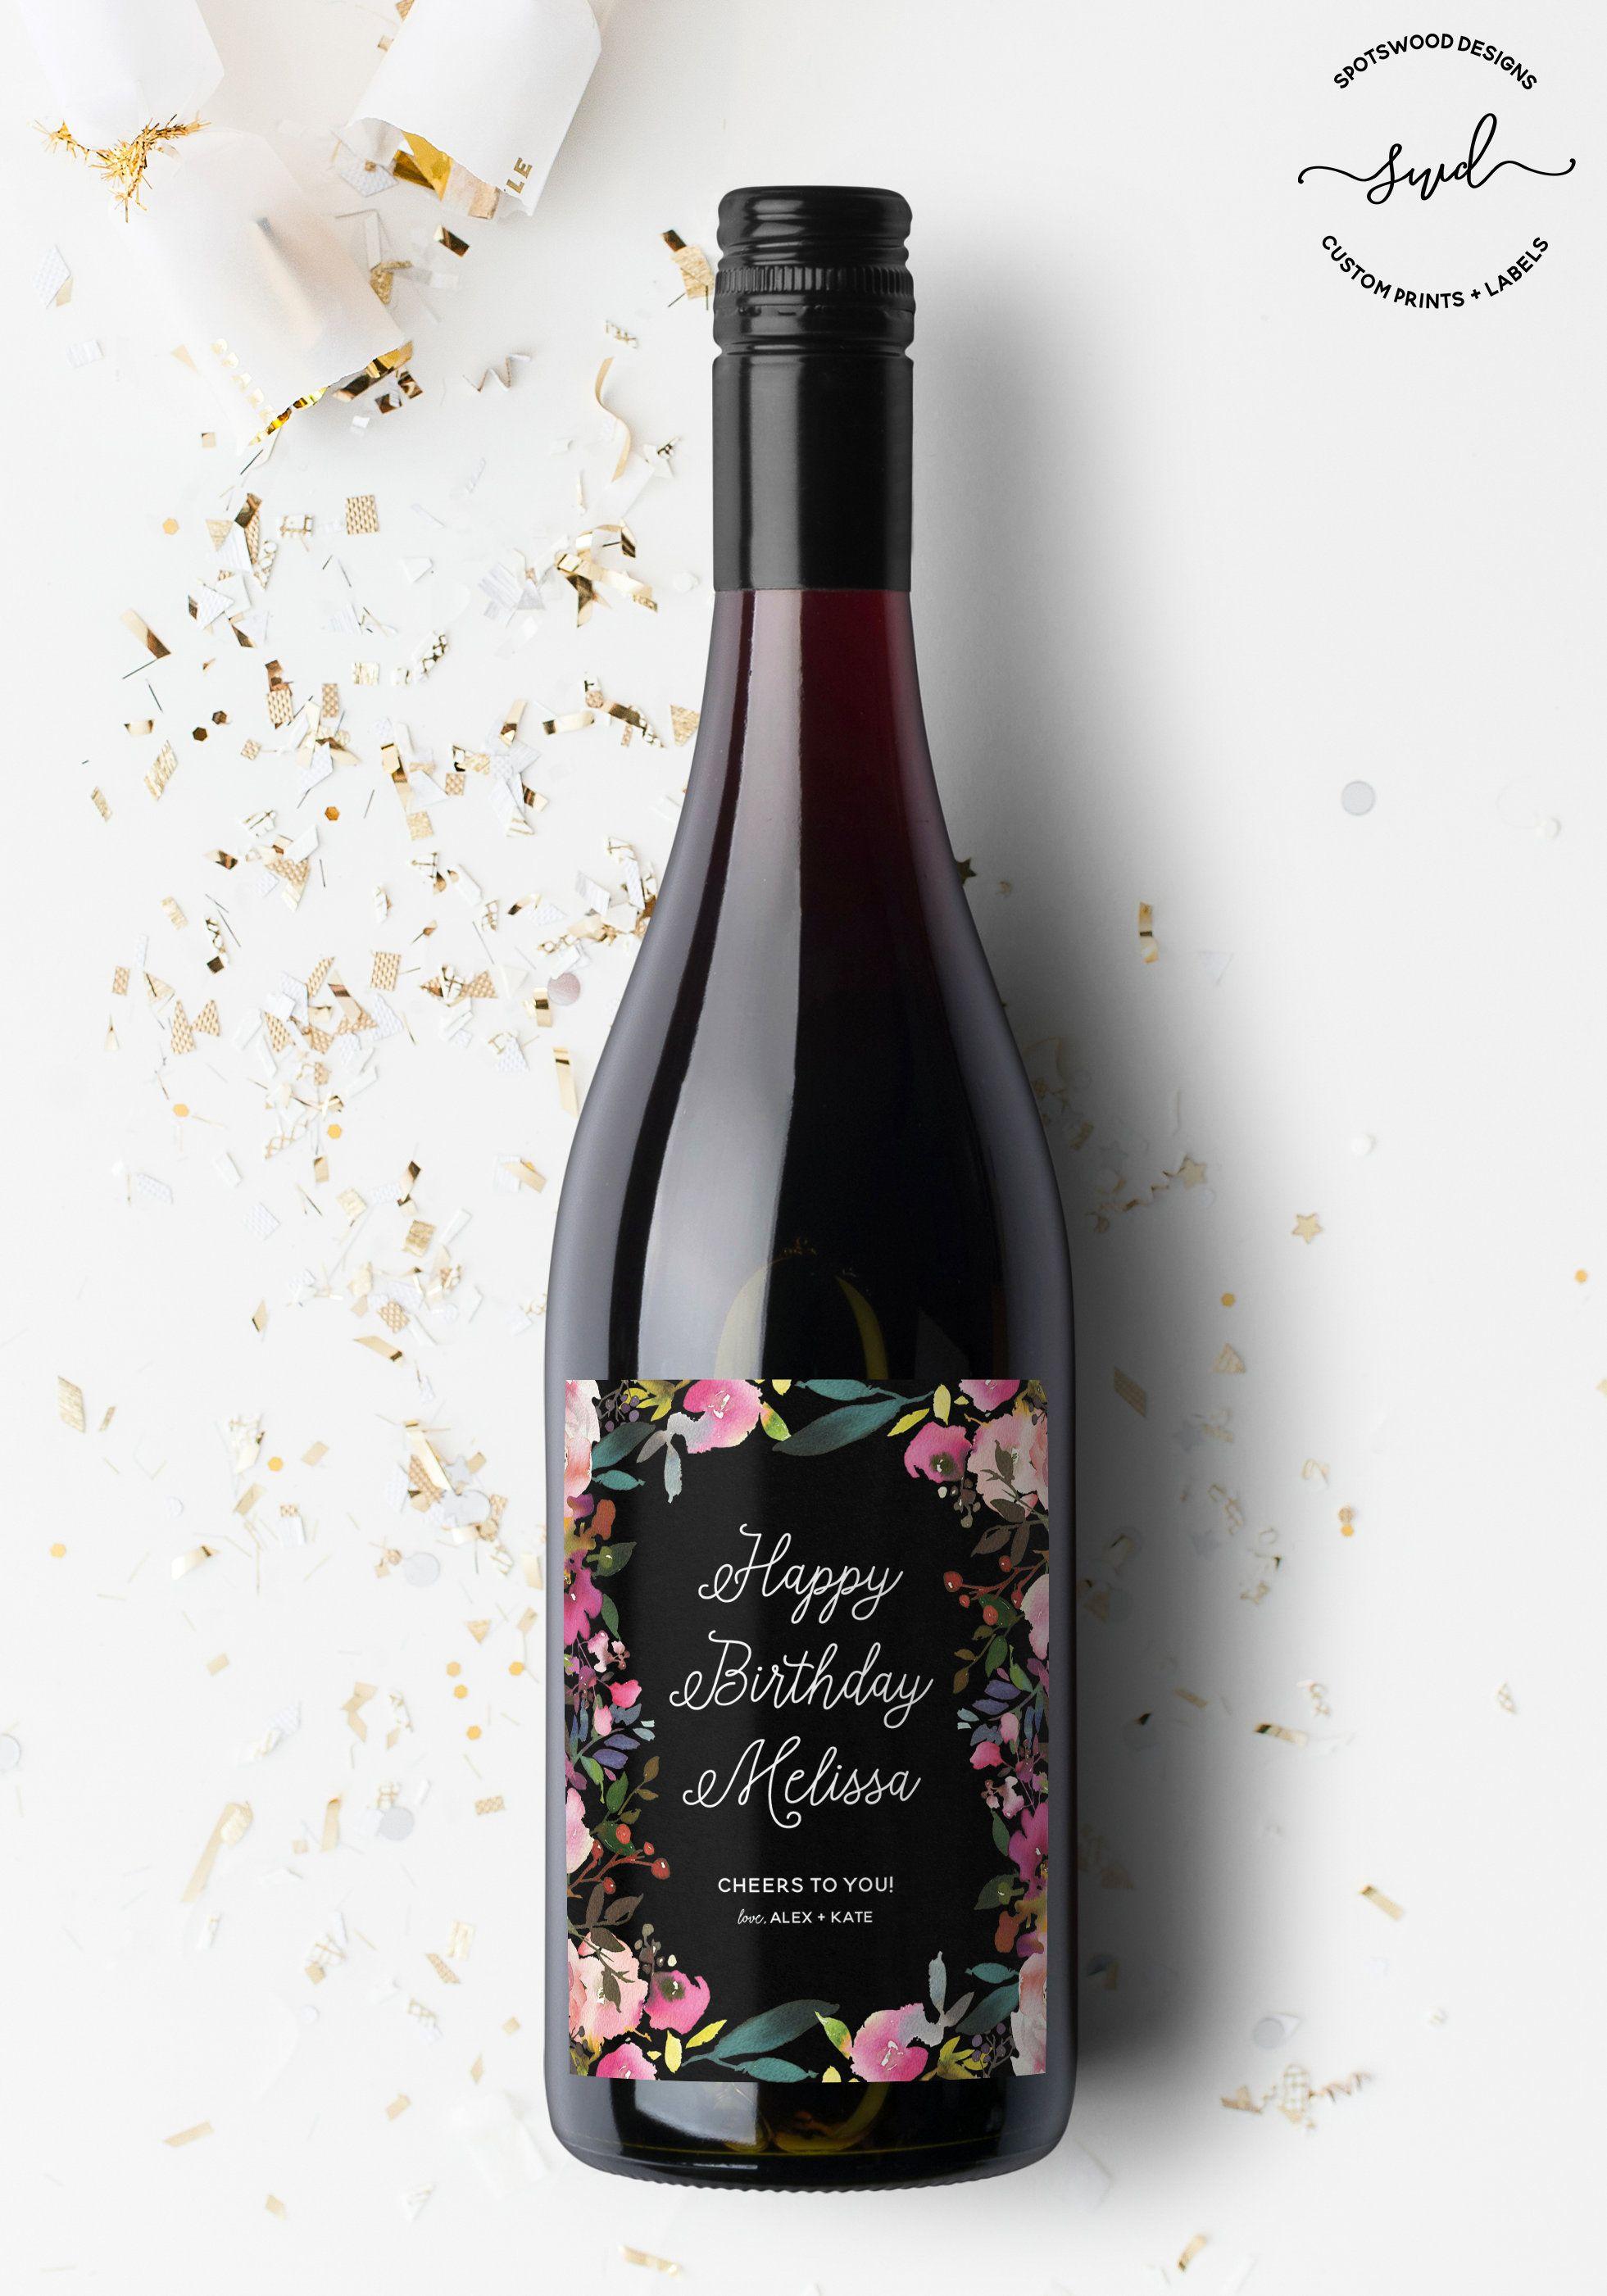 Happy Birthday Custom Wine Label Birthday Gift Birthday